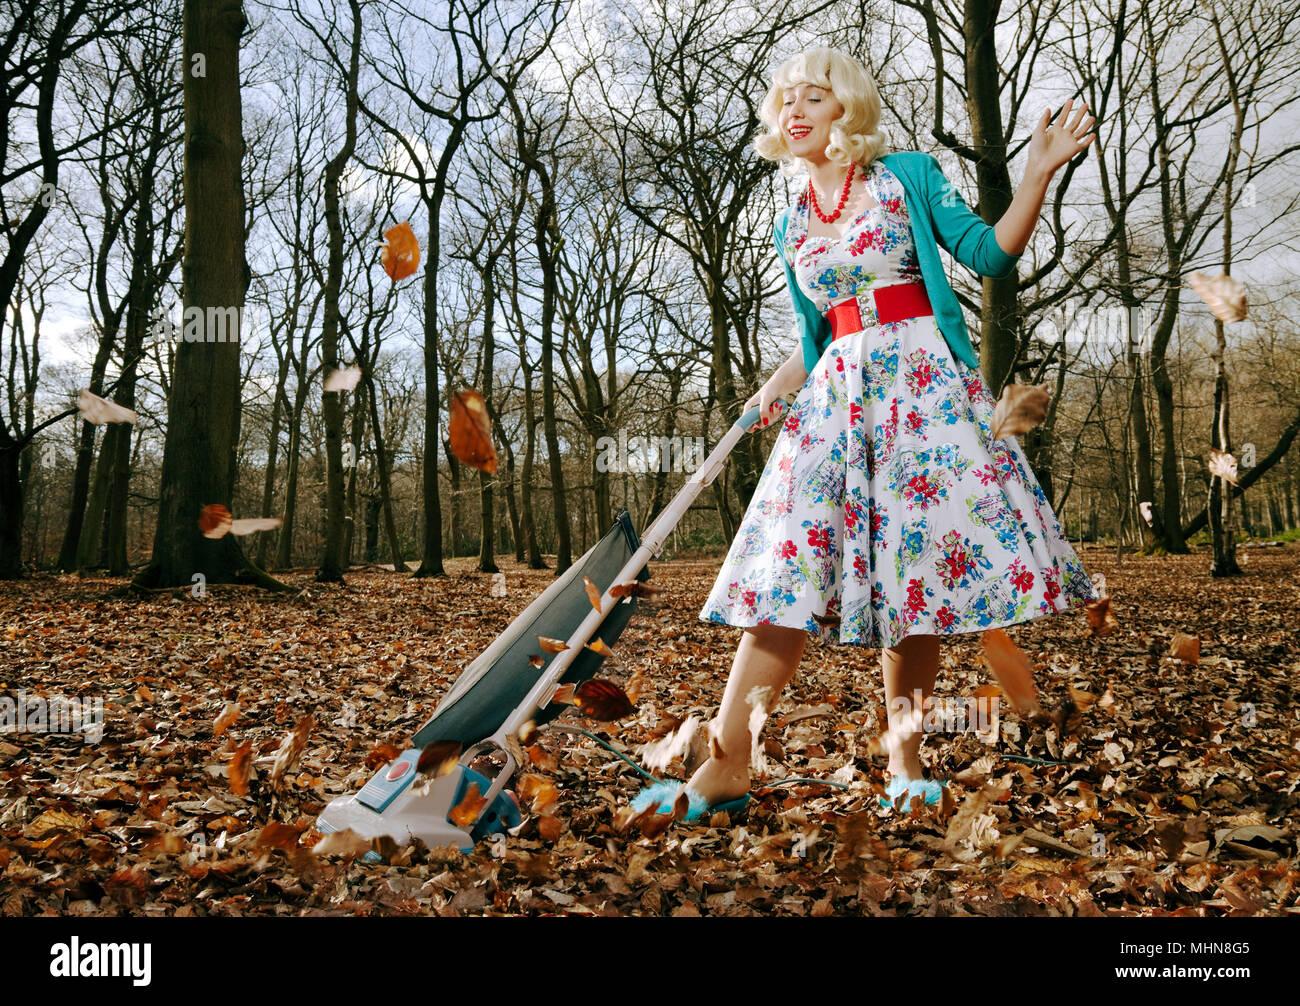 Donna in stile retrò aspirare foglie dei boschi Immagini Stock